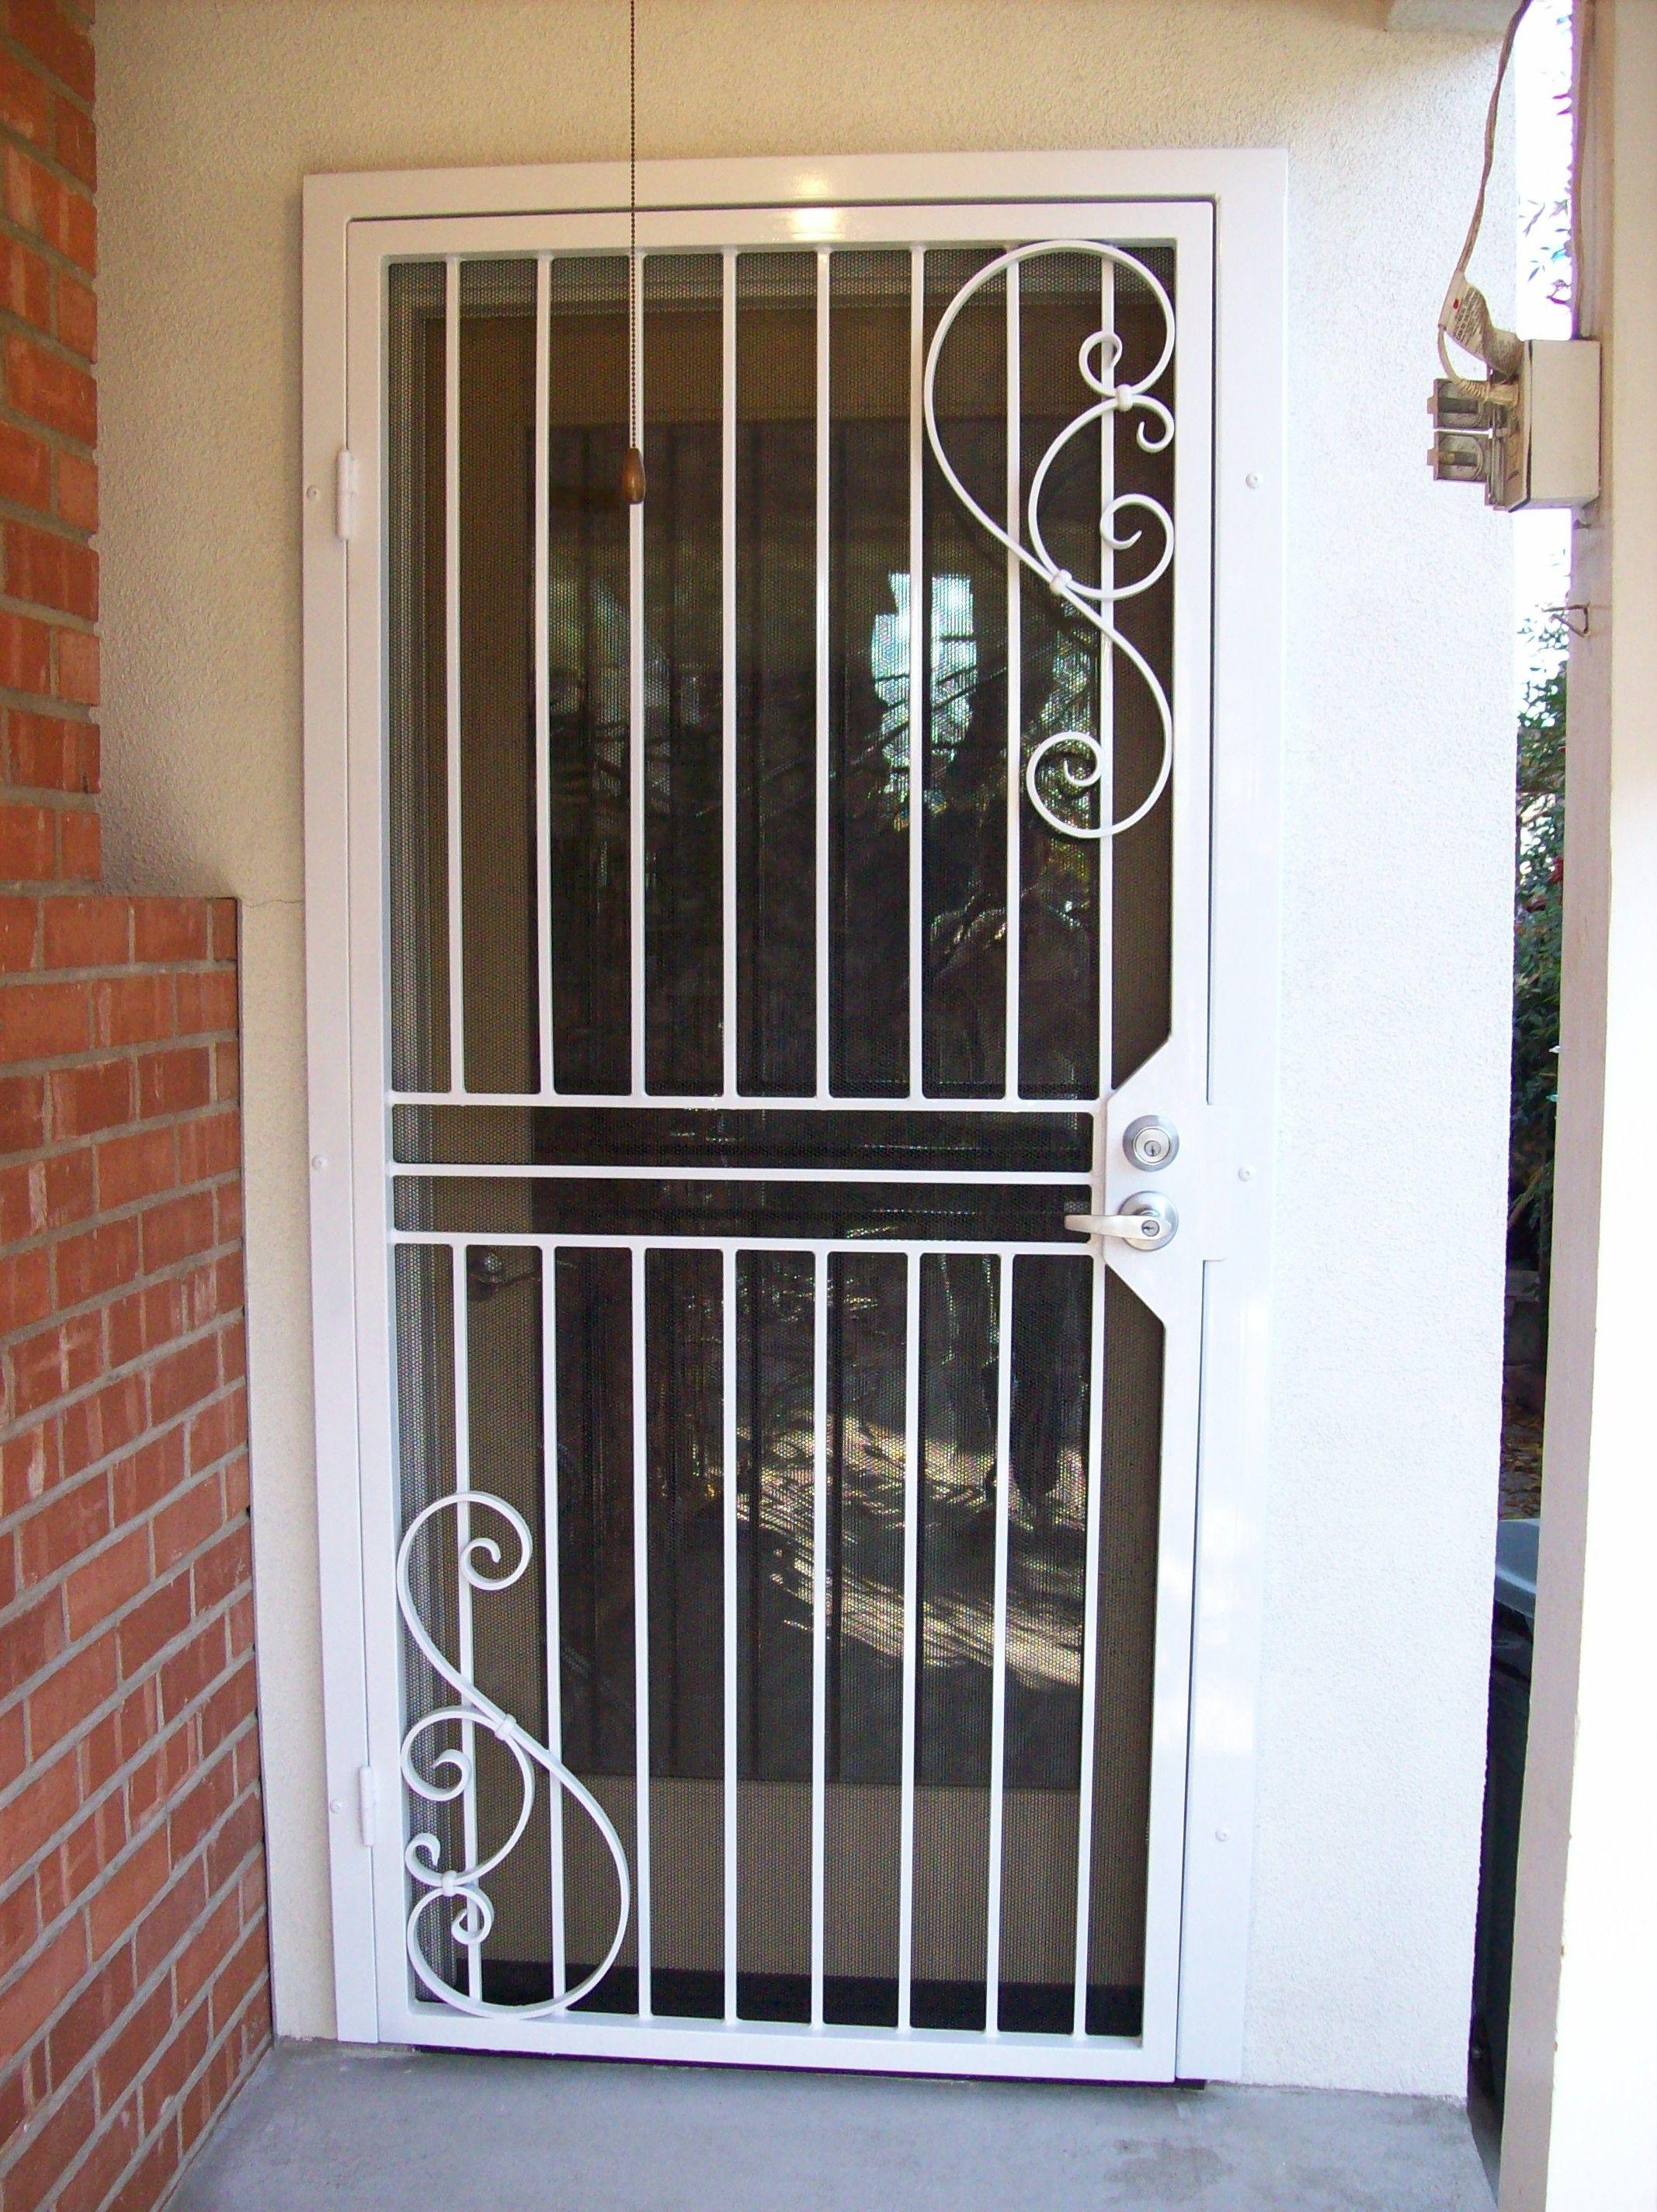 Side Security Door 98 Jpg 2134 2848 Security Door Window Bars